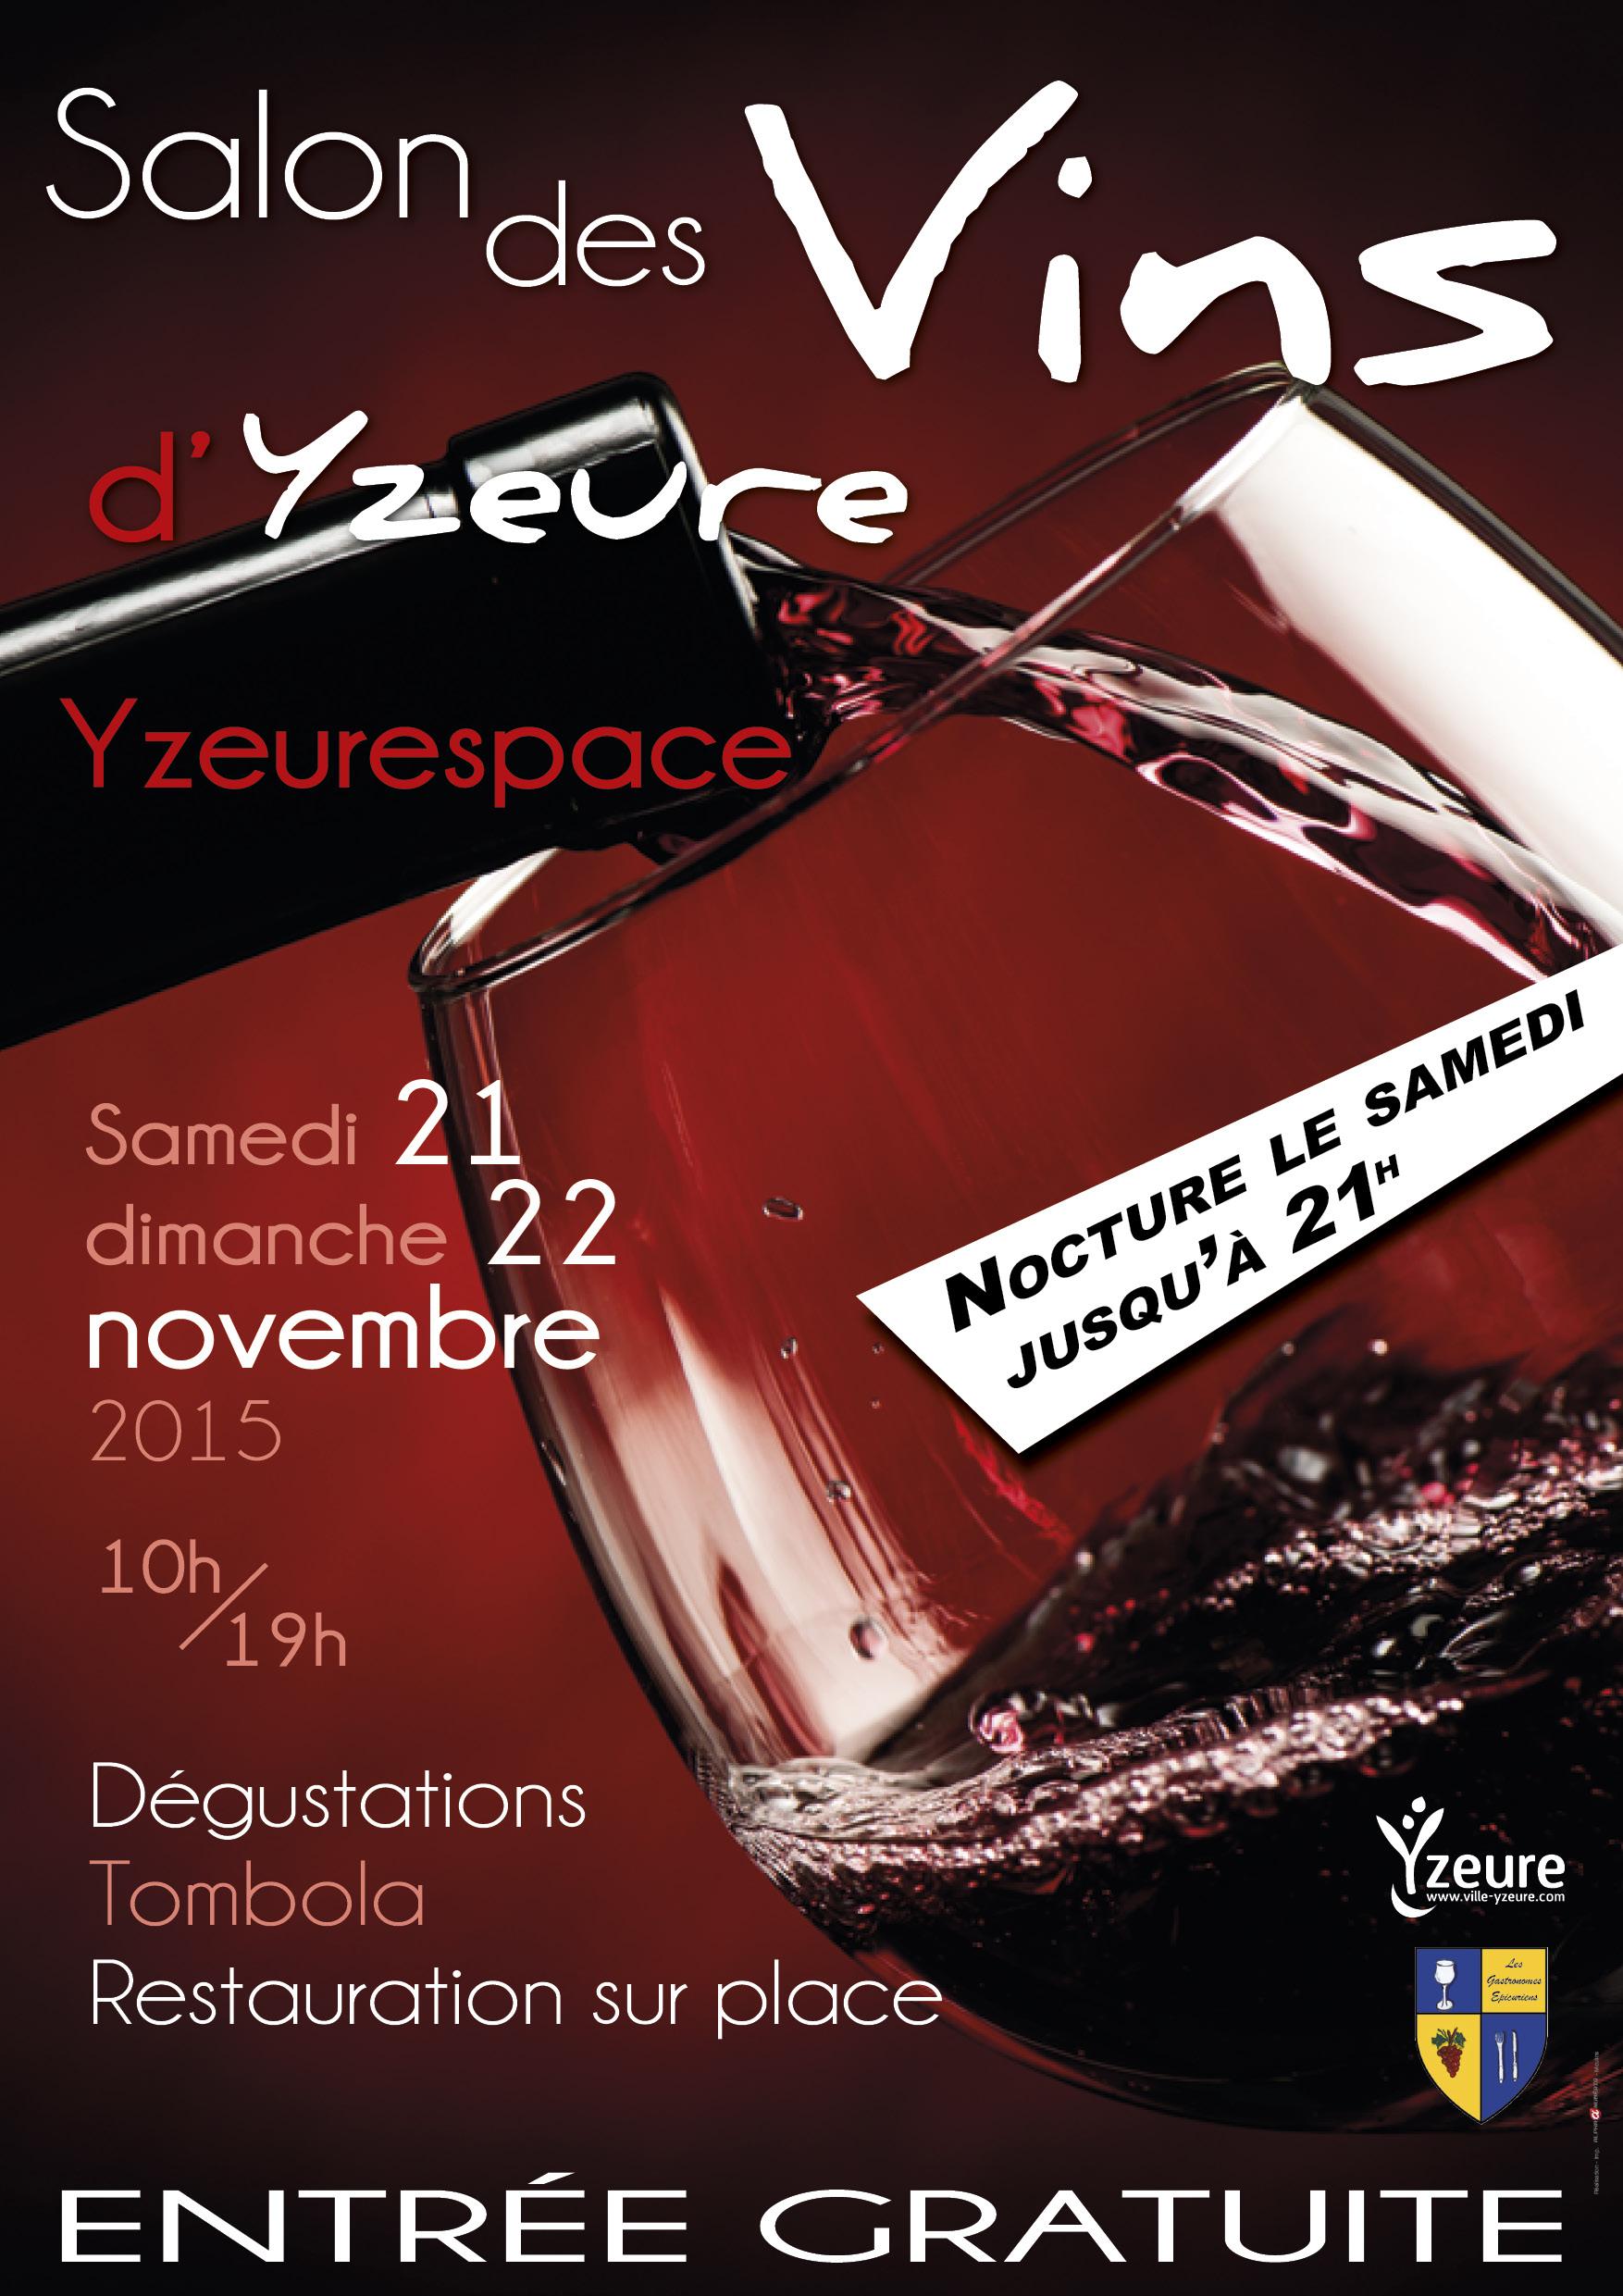 Salon des vins d 39 yzeure mon viti for Calendrier salon des vins